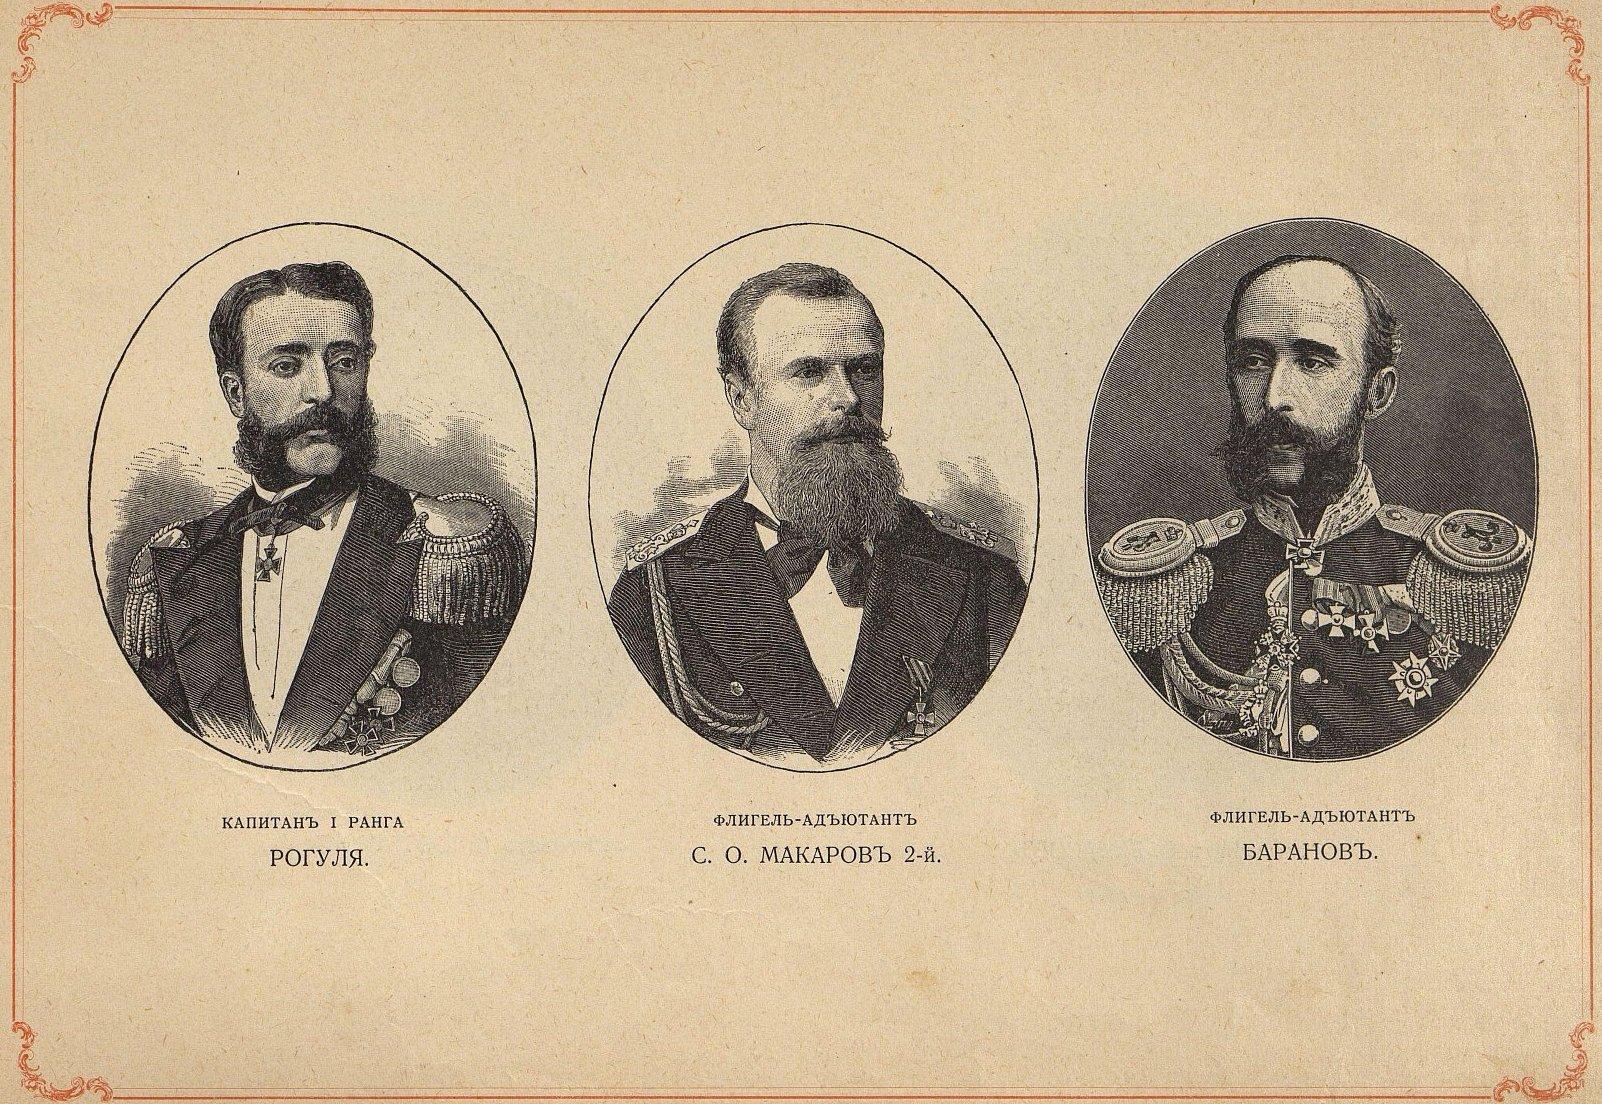 Портреты Г.И. Рогули, С.О. Макарова, Н.М. Баранова.